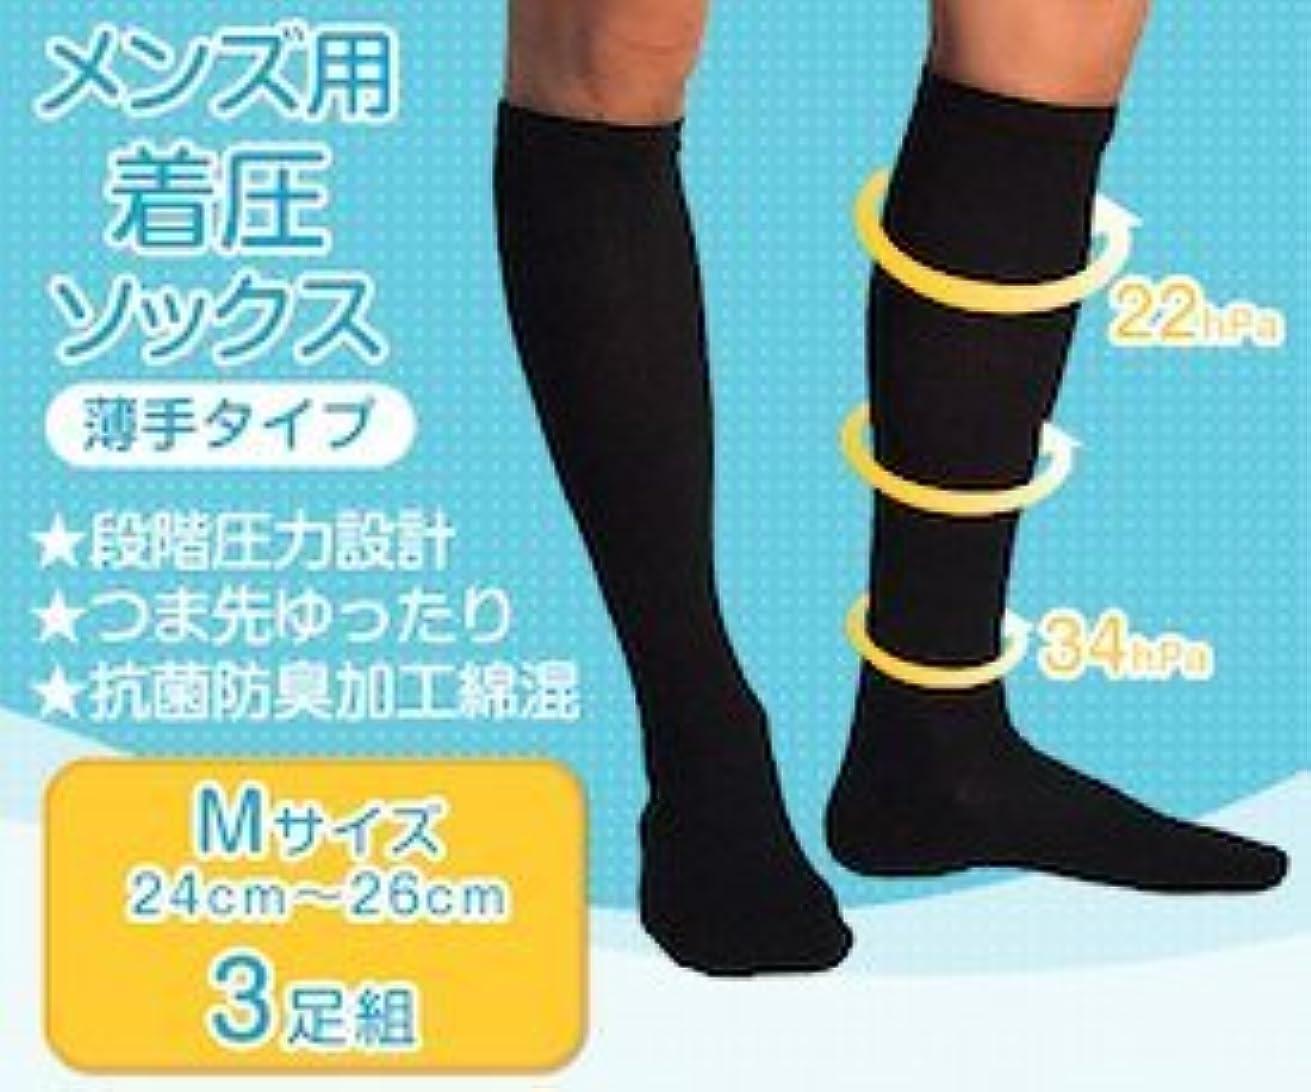 大腿静かな繊細男性用 綿 着圧ソックス 黒 24-26cm 3足組 足の疲れ むくみ 太陽ニット M0013PM